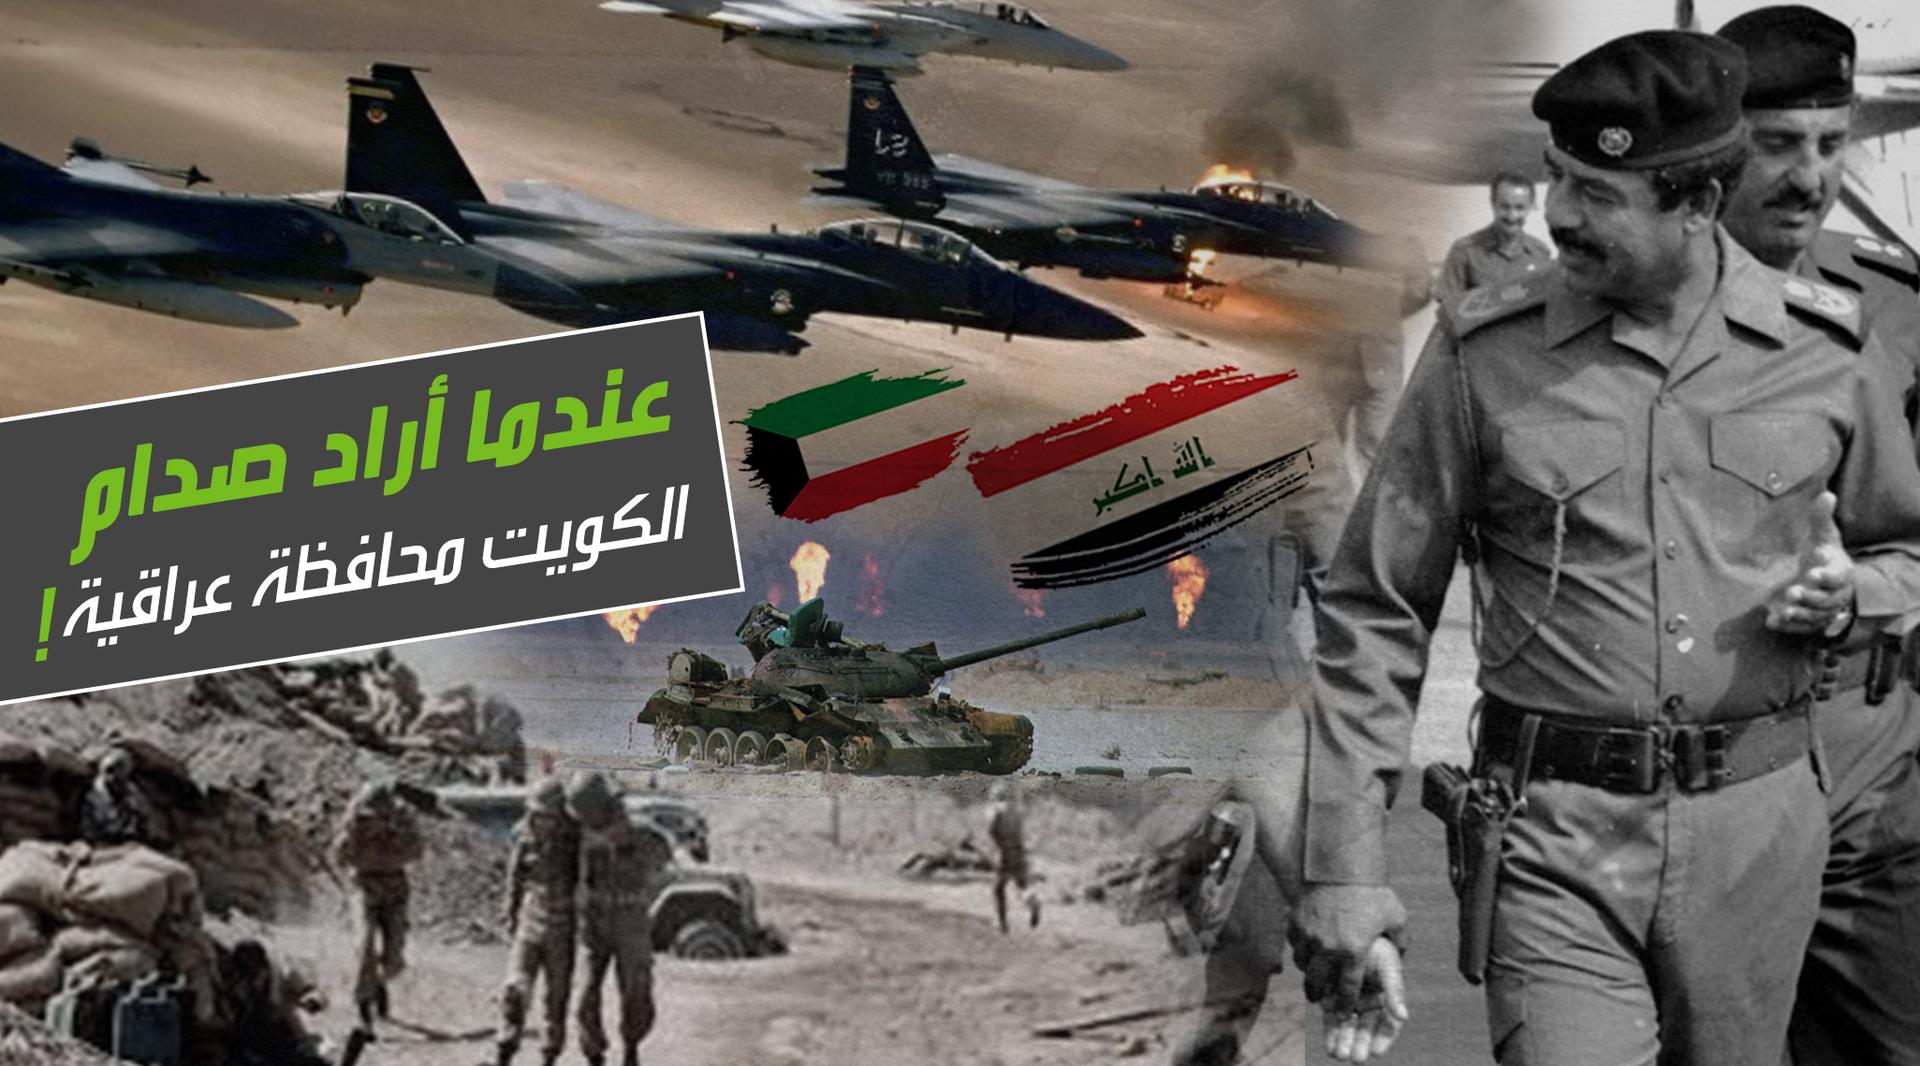 عندما أراد صدام حسين الكويت محافظة عراقية!